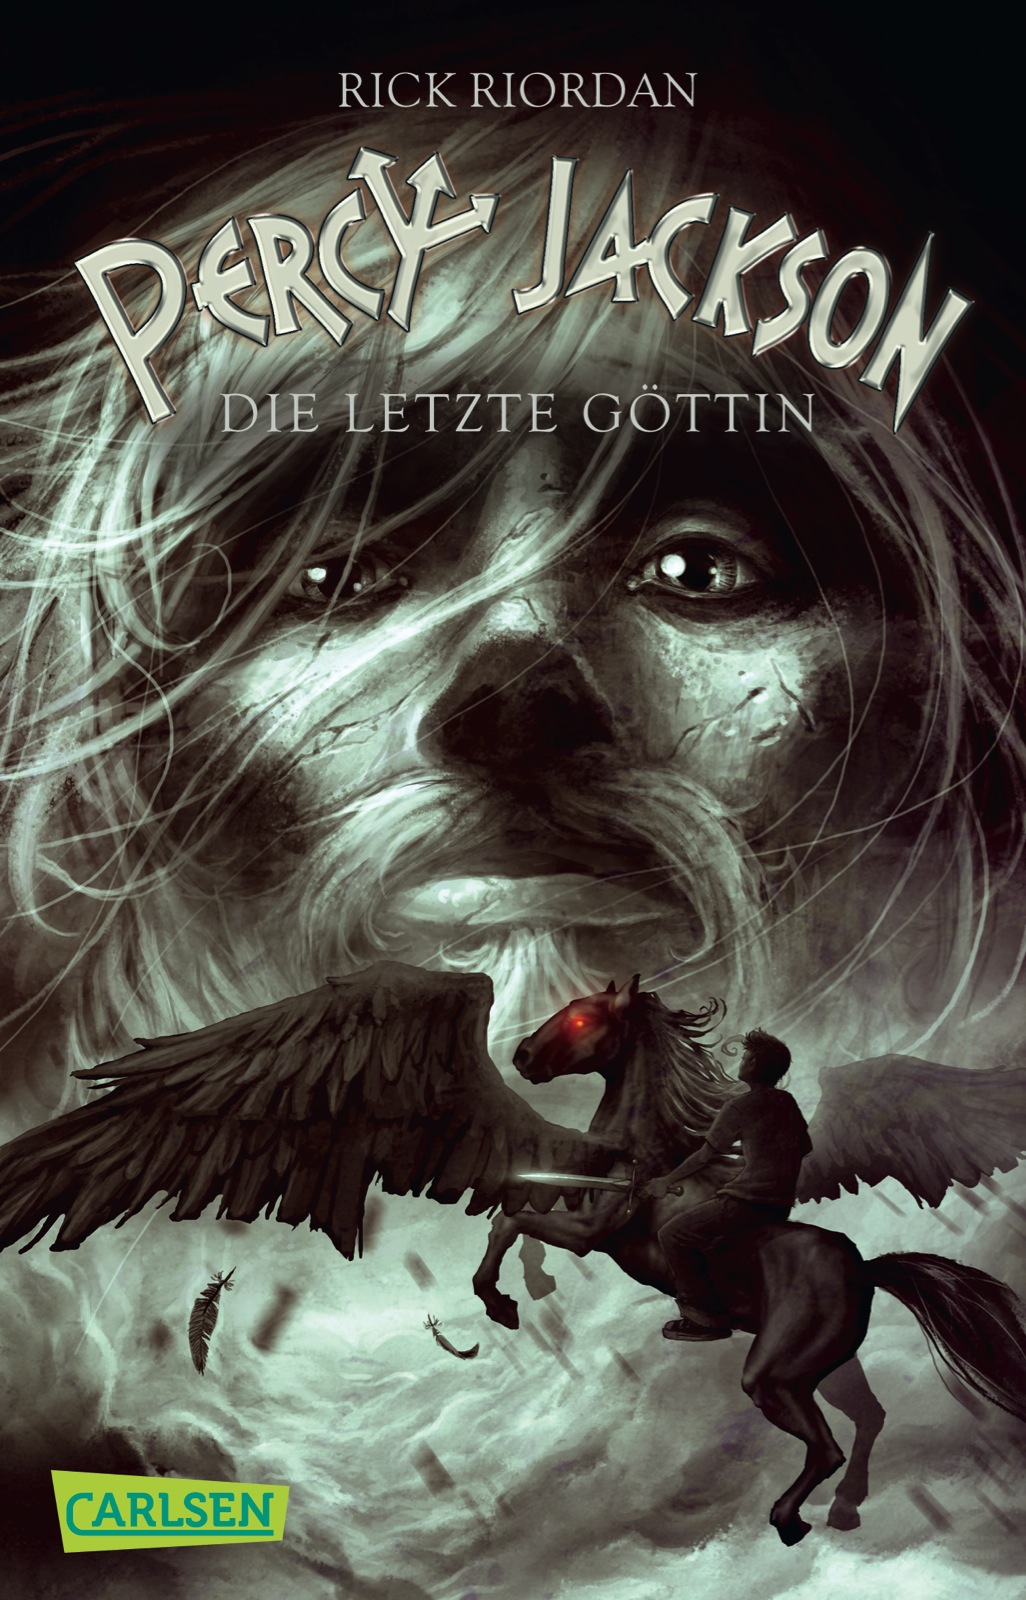 Percy Jackson: Band 5 - Die letzte Göttin - Rick Riordan [Taschenbuch]